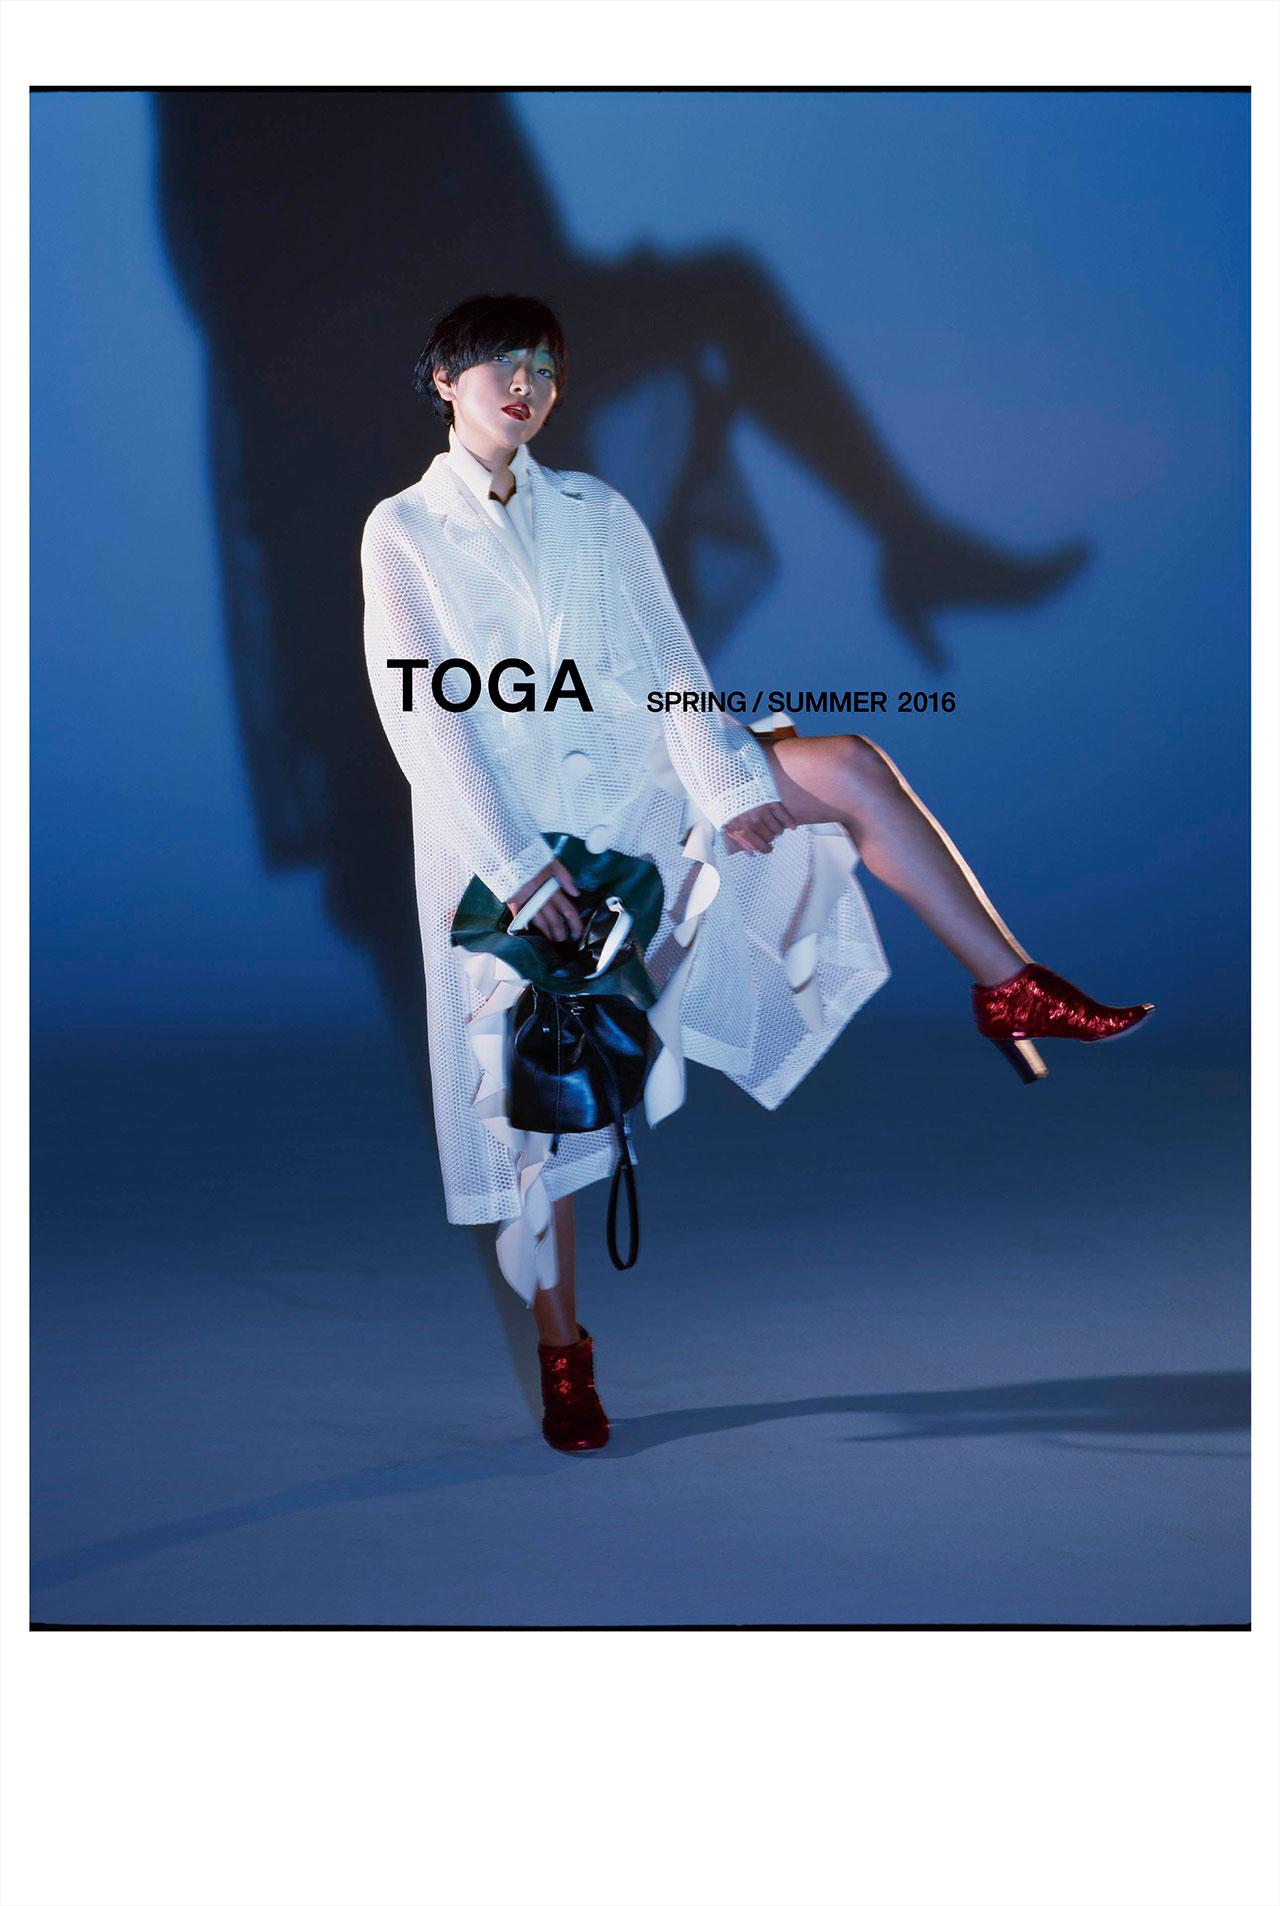 TOGA 2016 S/S Campaign